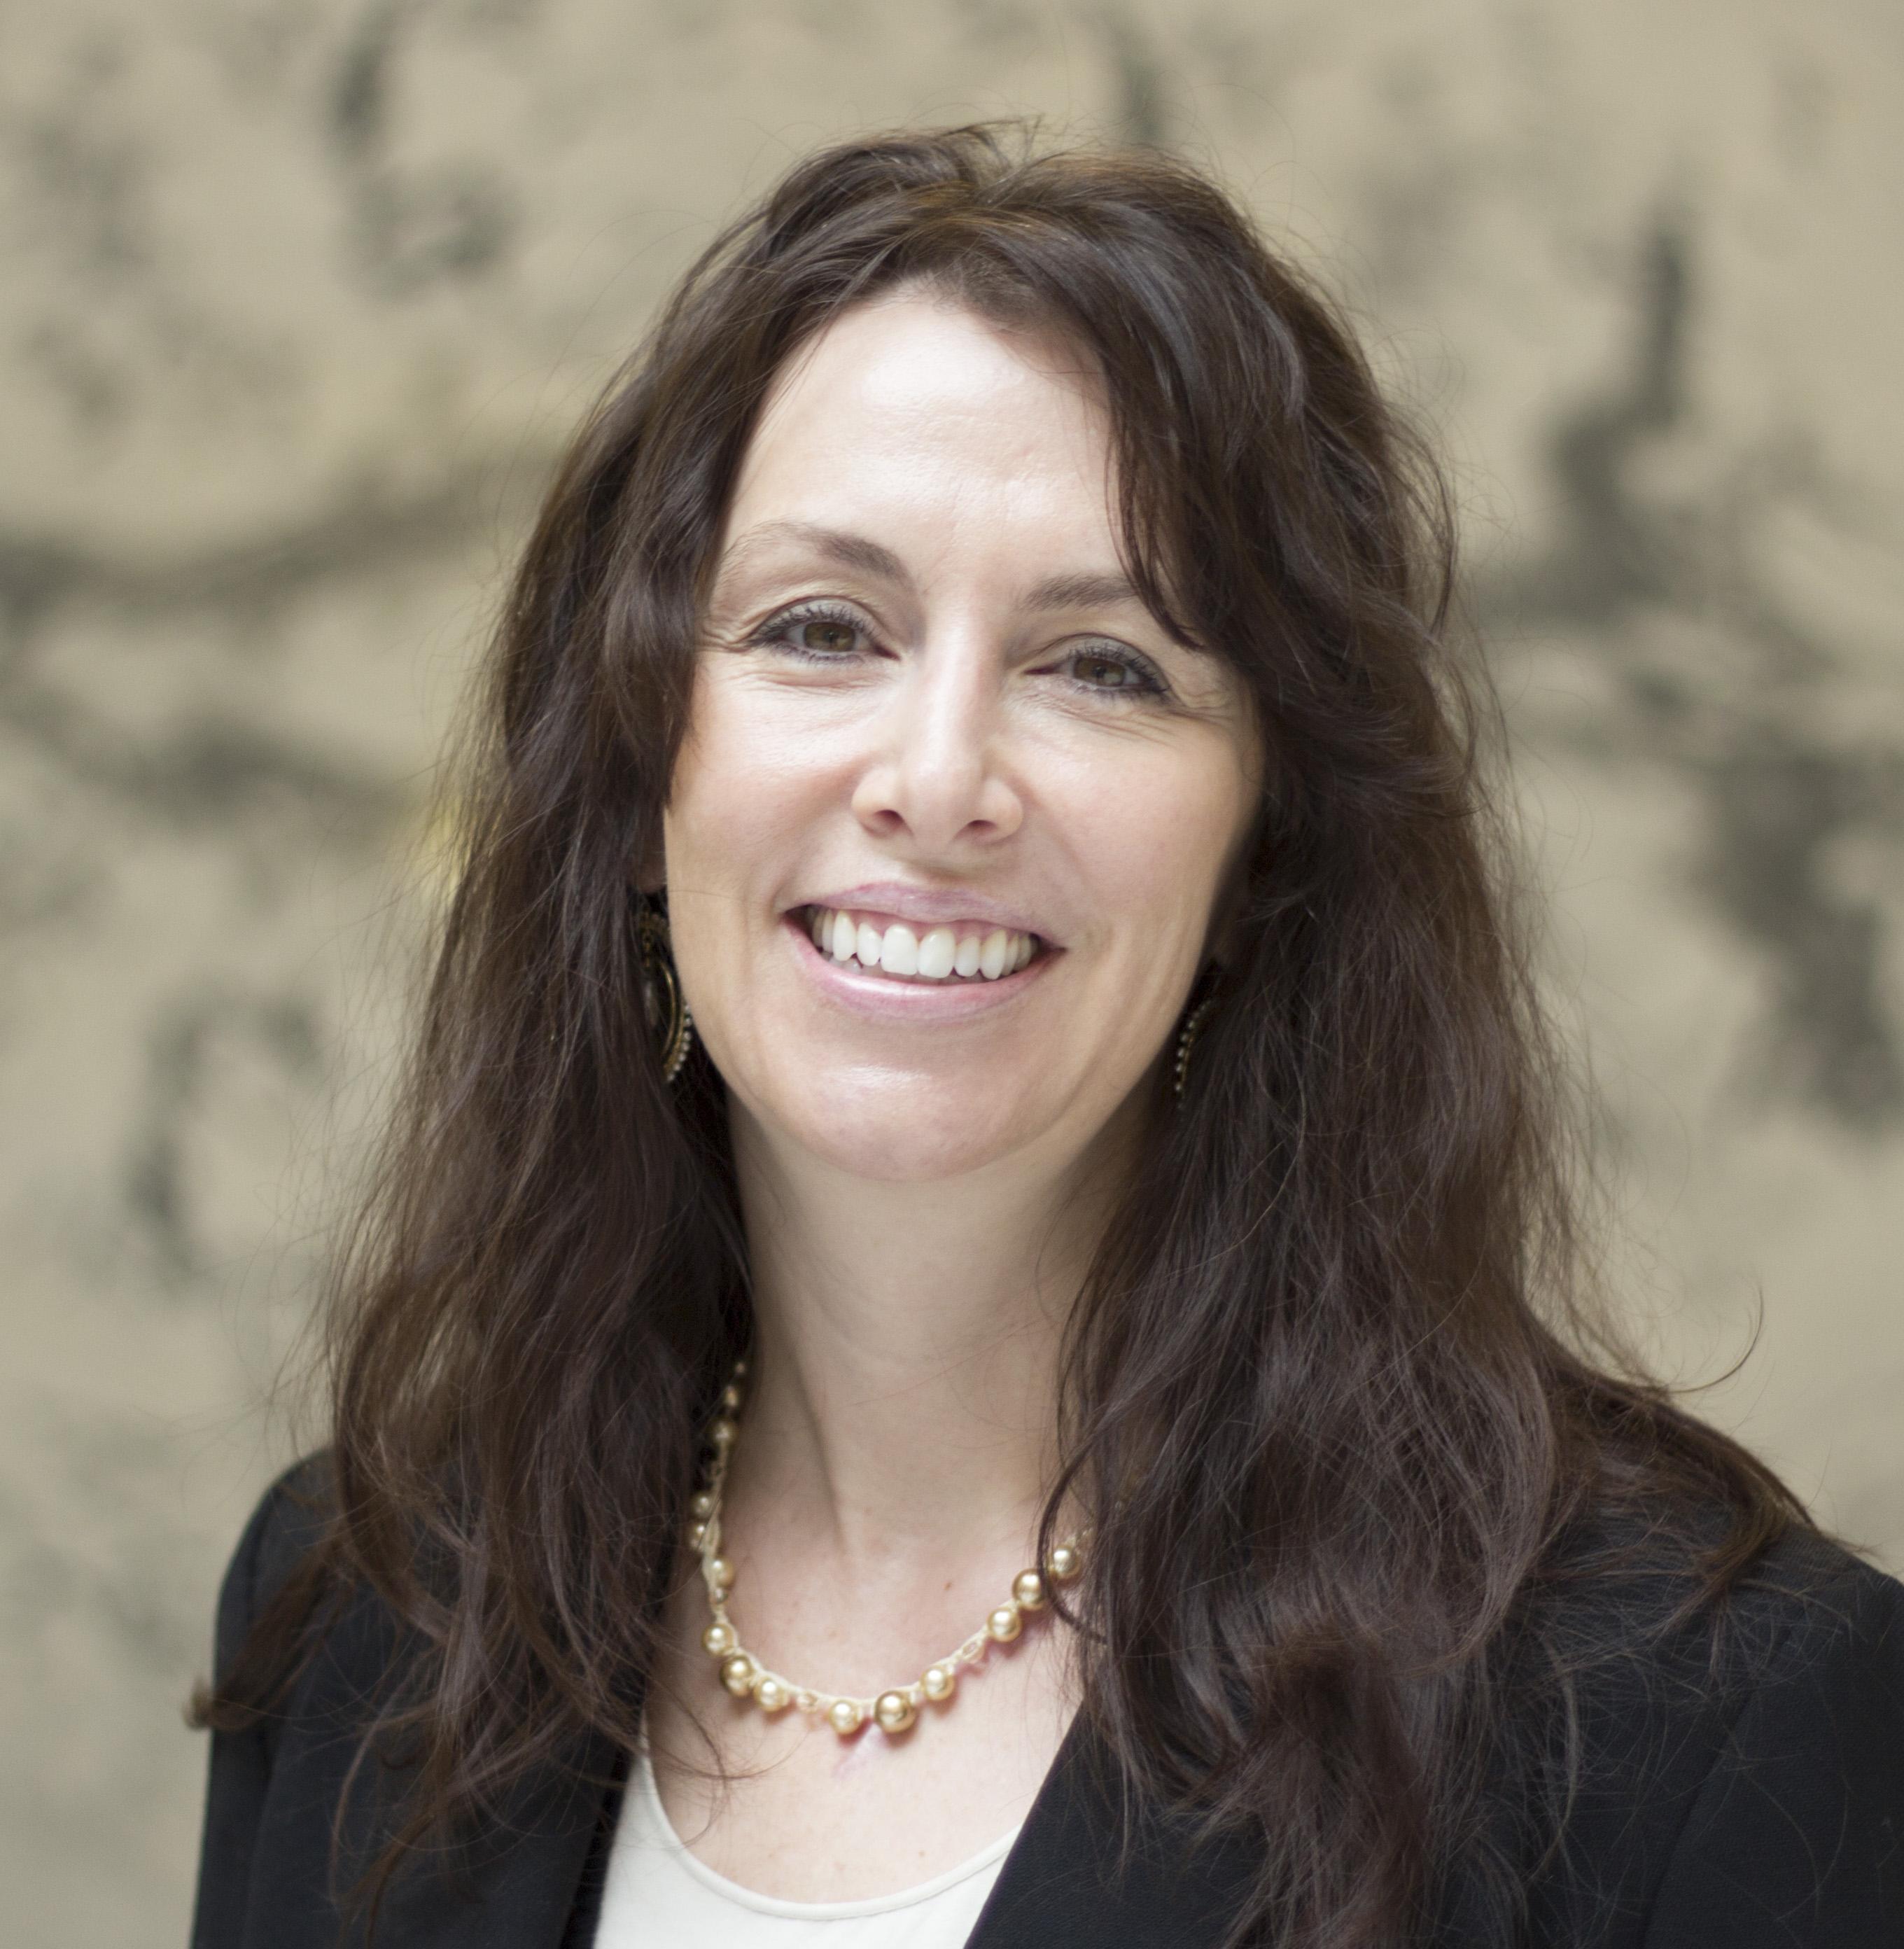 Leslie Larsen